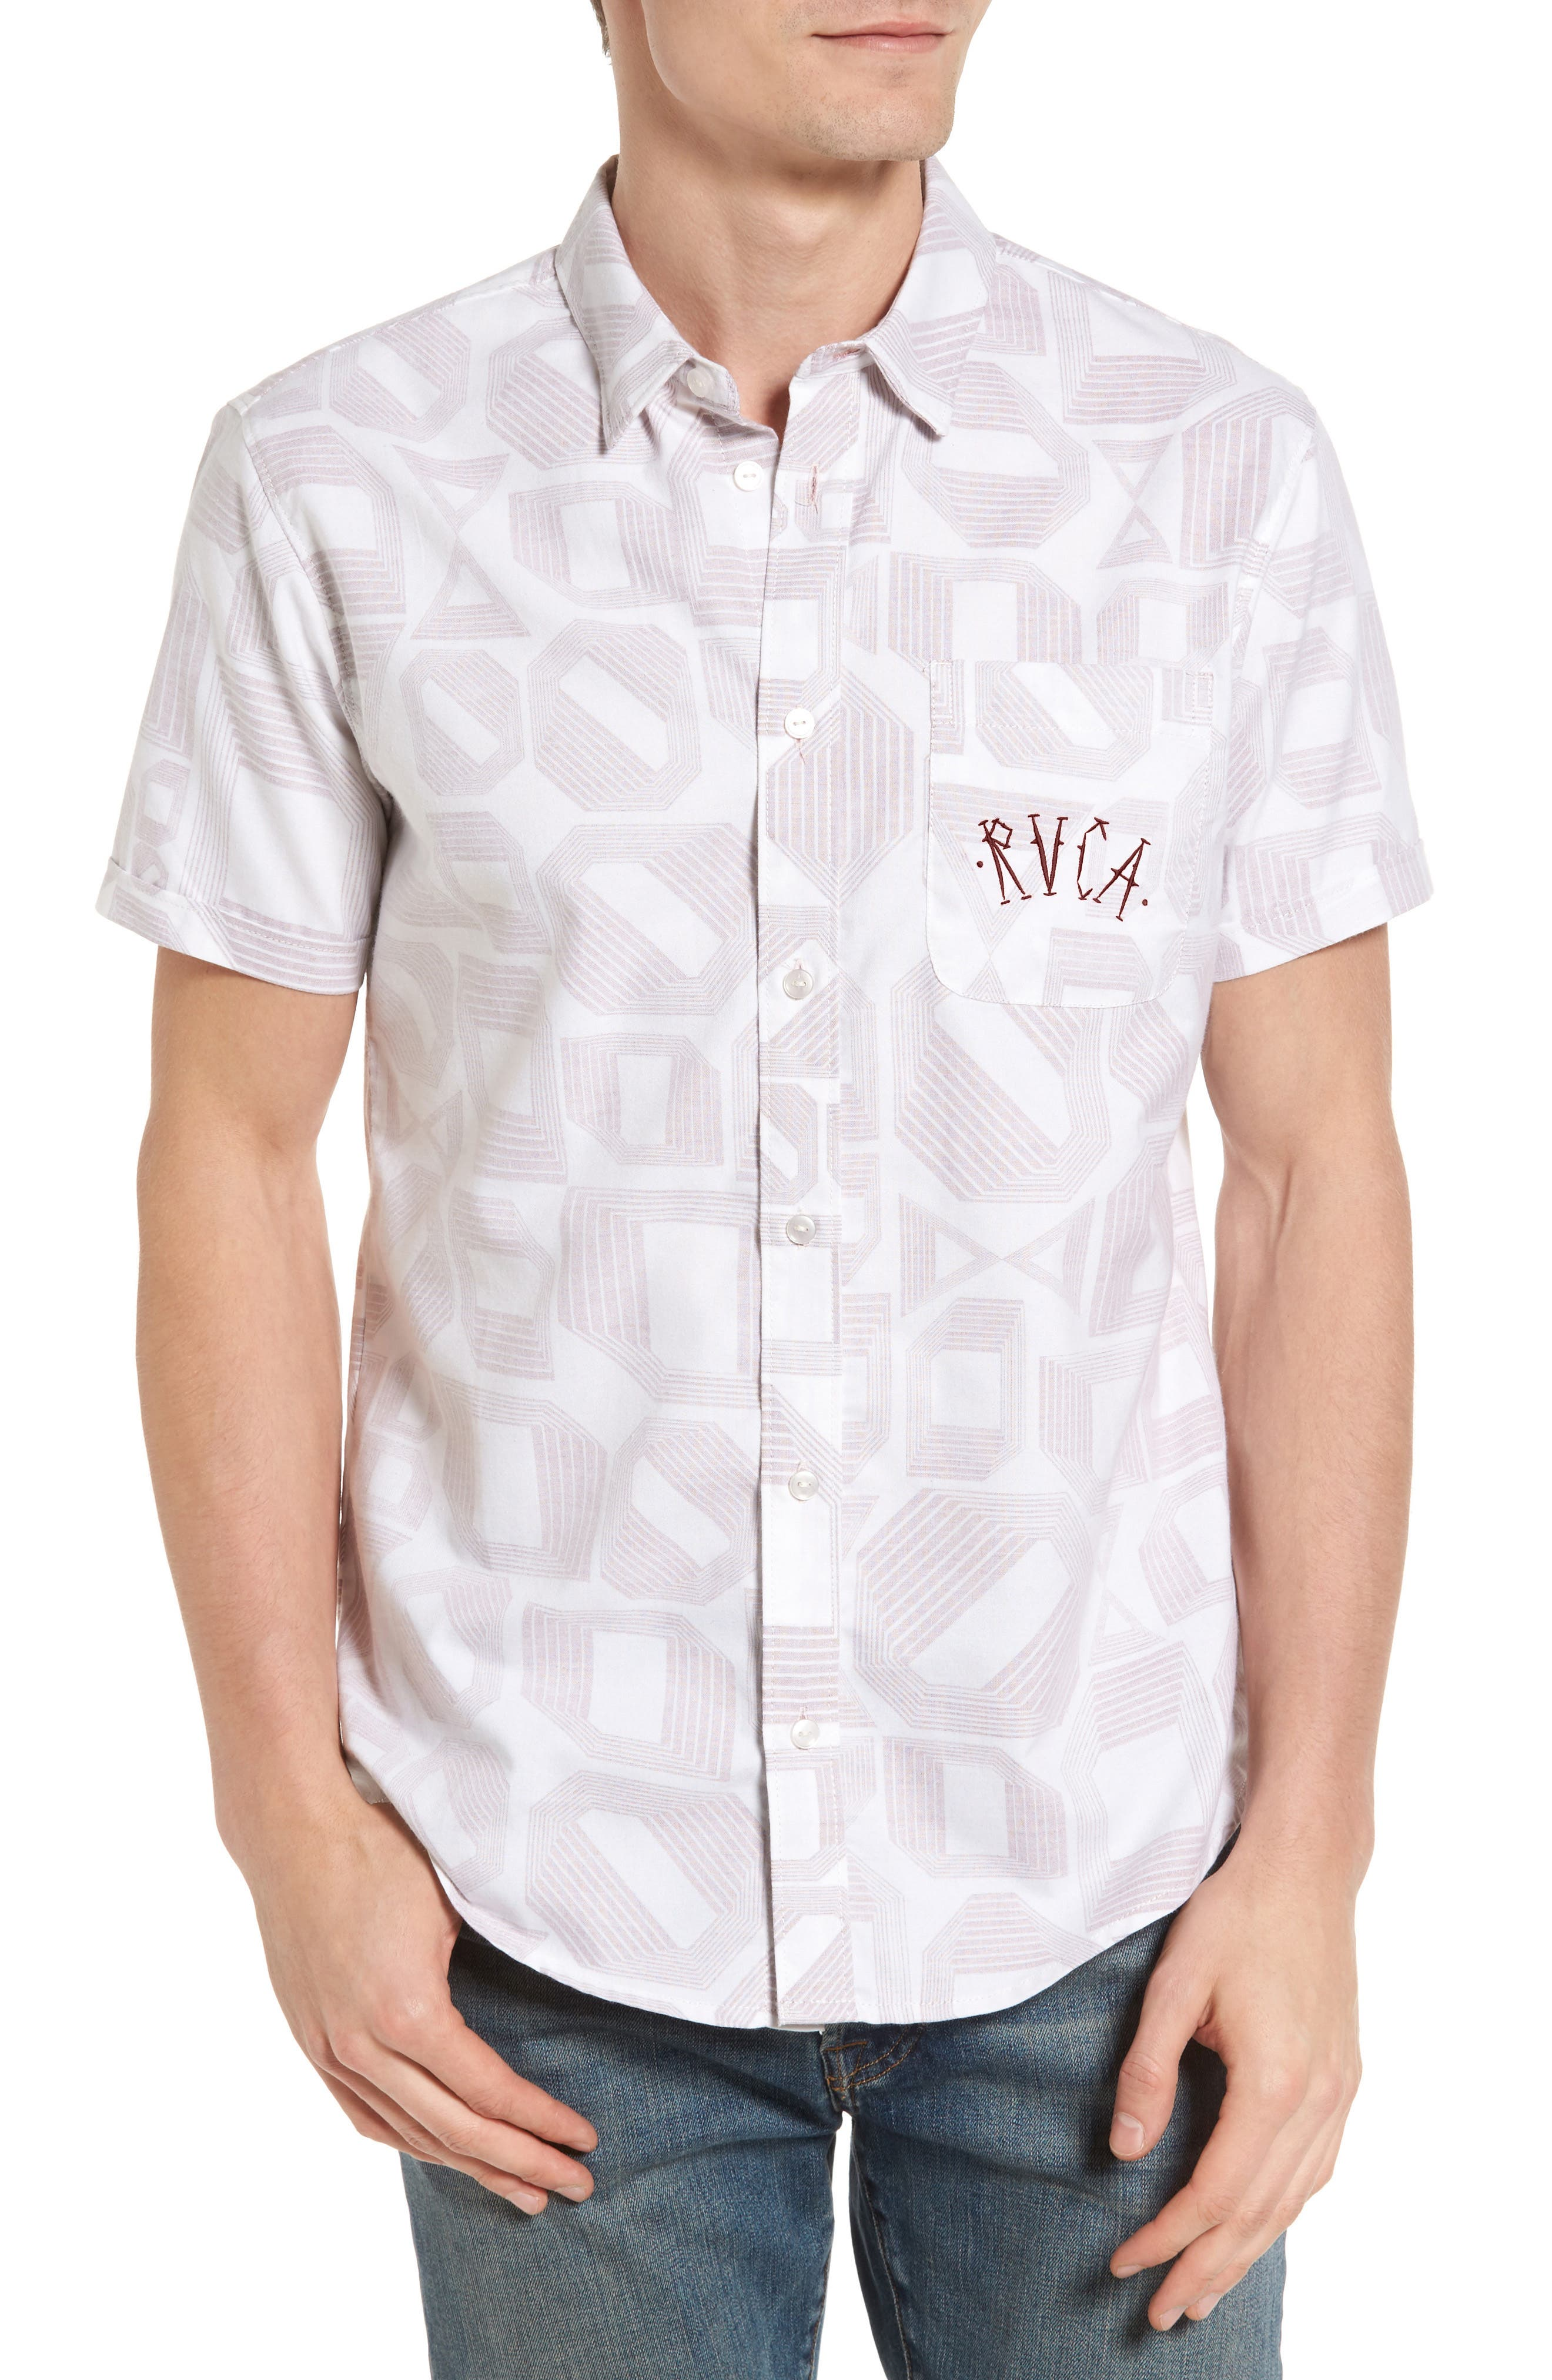 RCVA That'll Do Barry 2 Woven Shirt